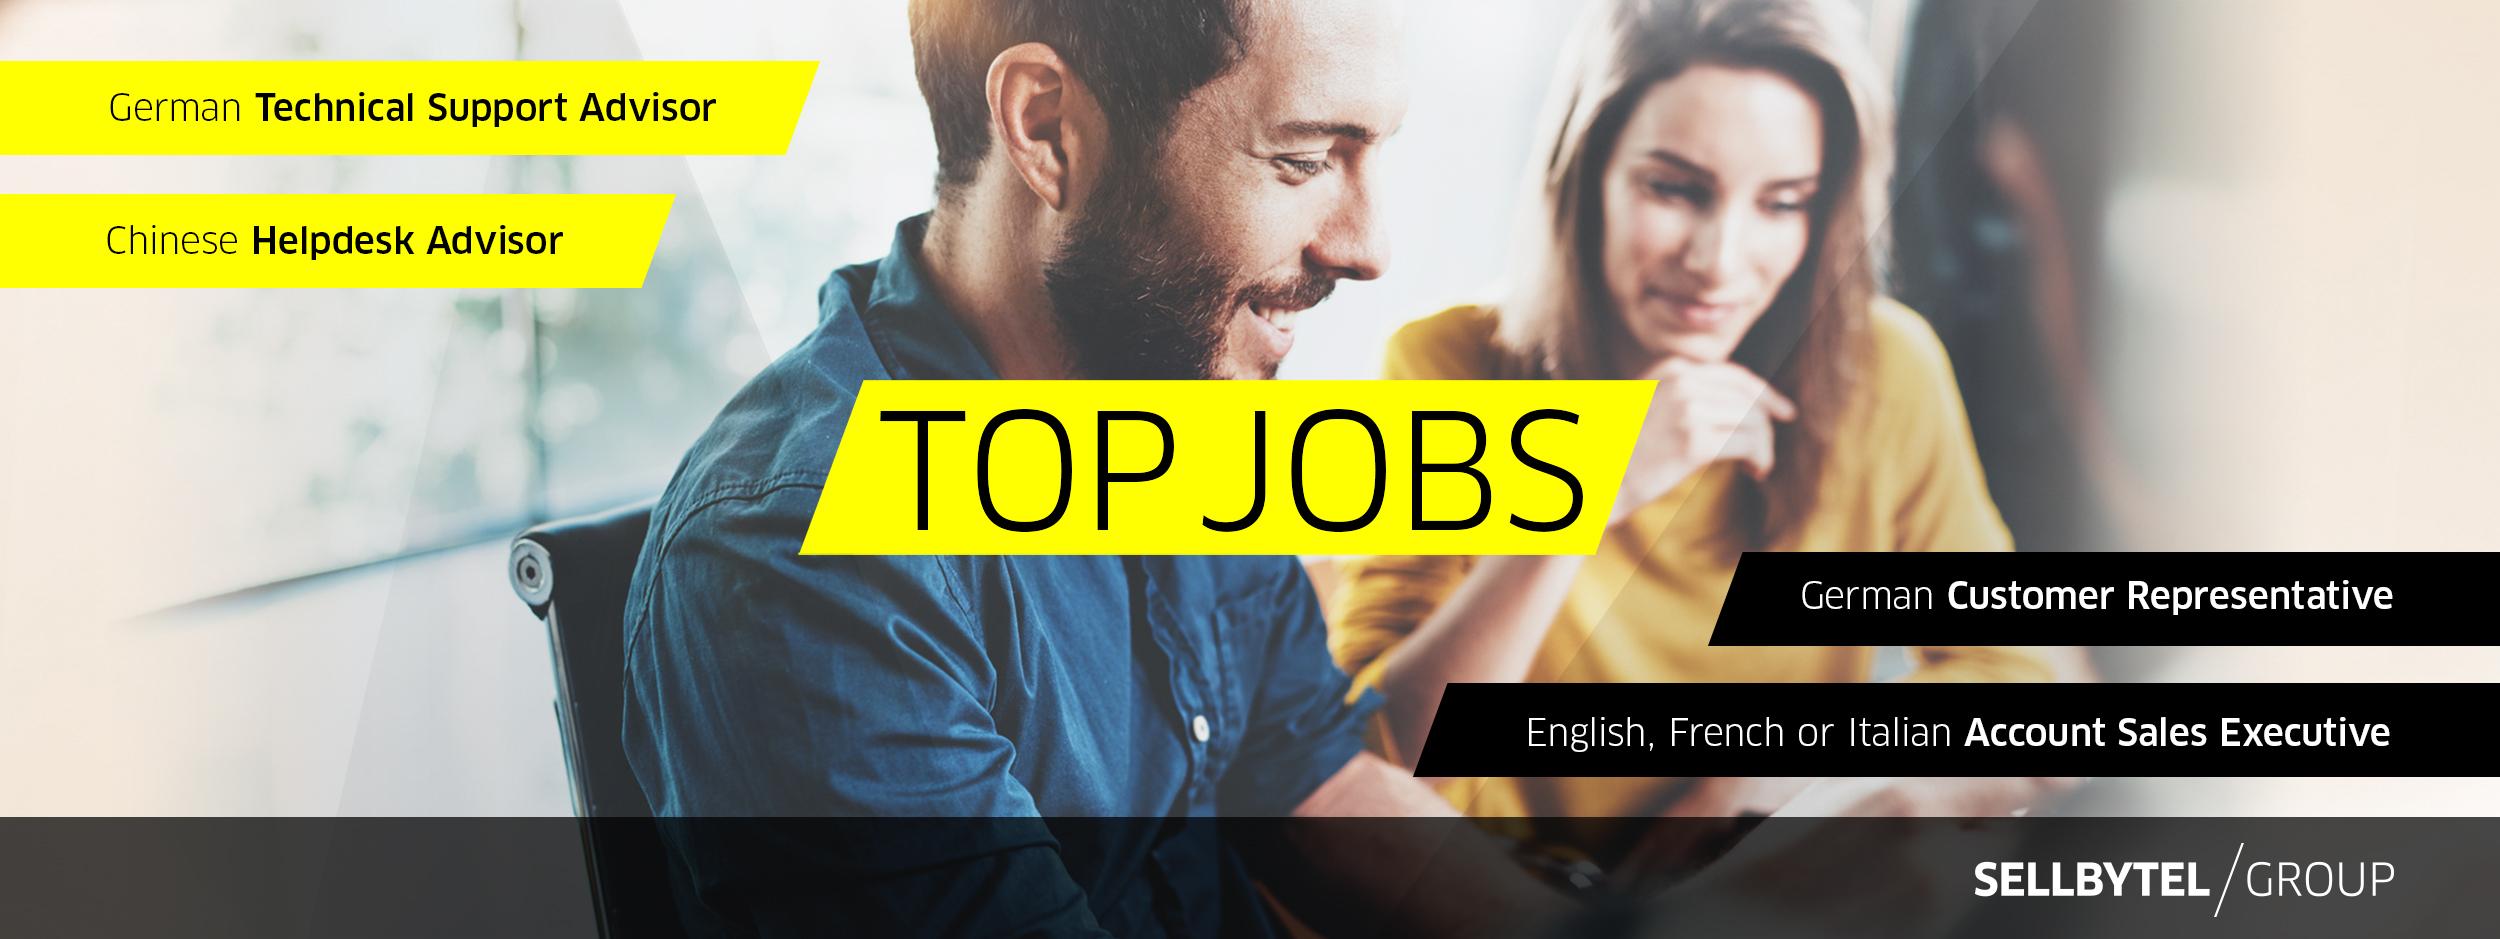 top jobs copia.jpg